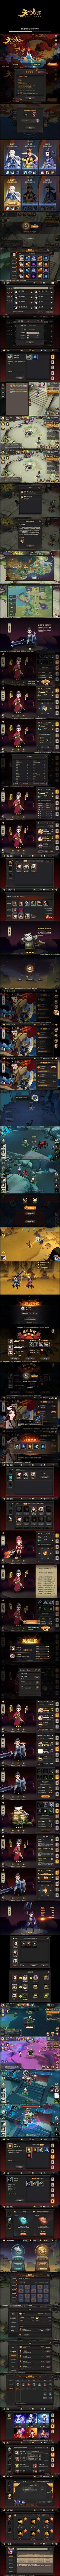 #中国# #中国风# #武侠# #暗黑#...